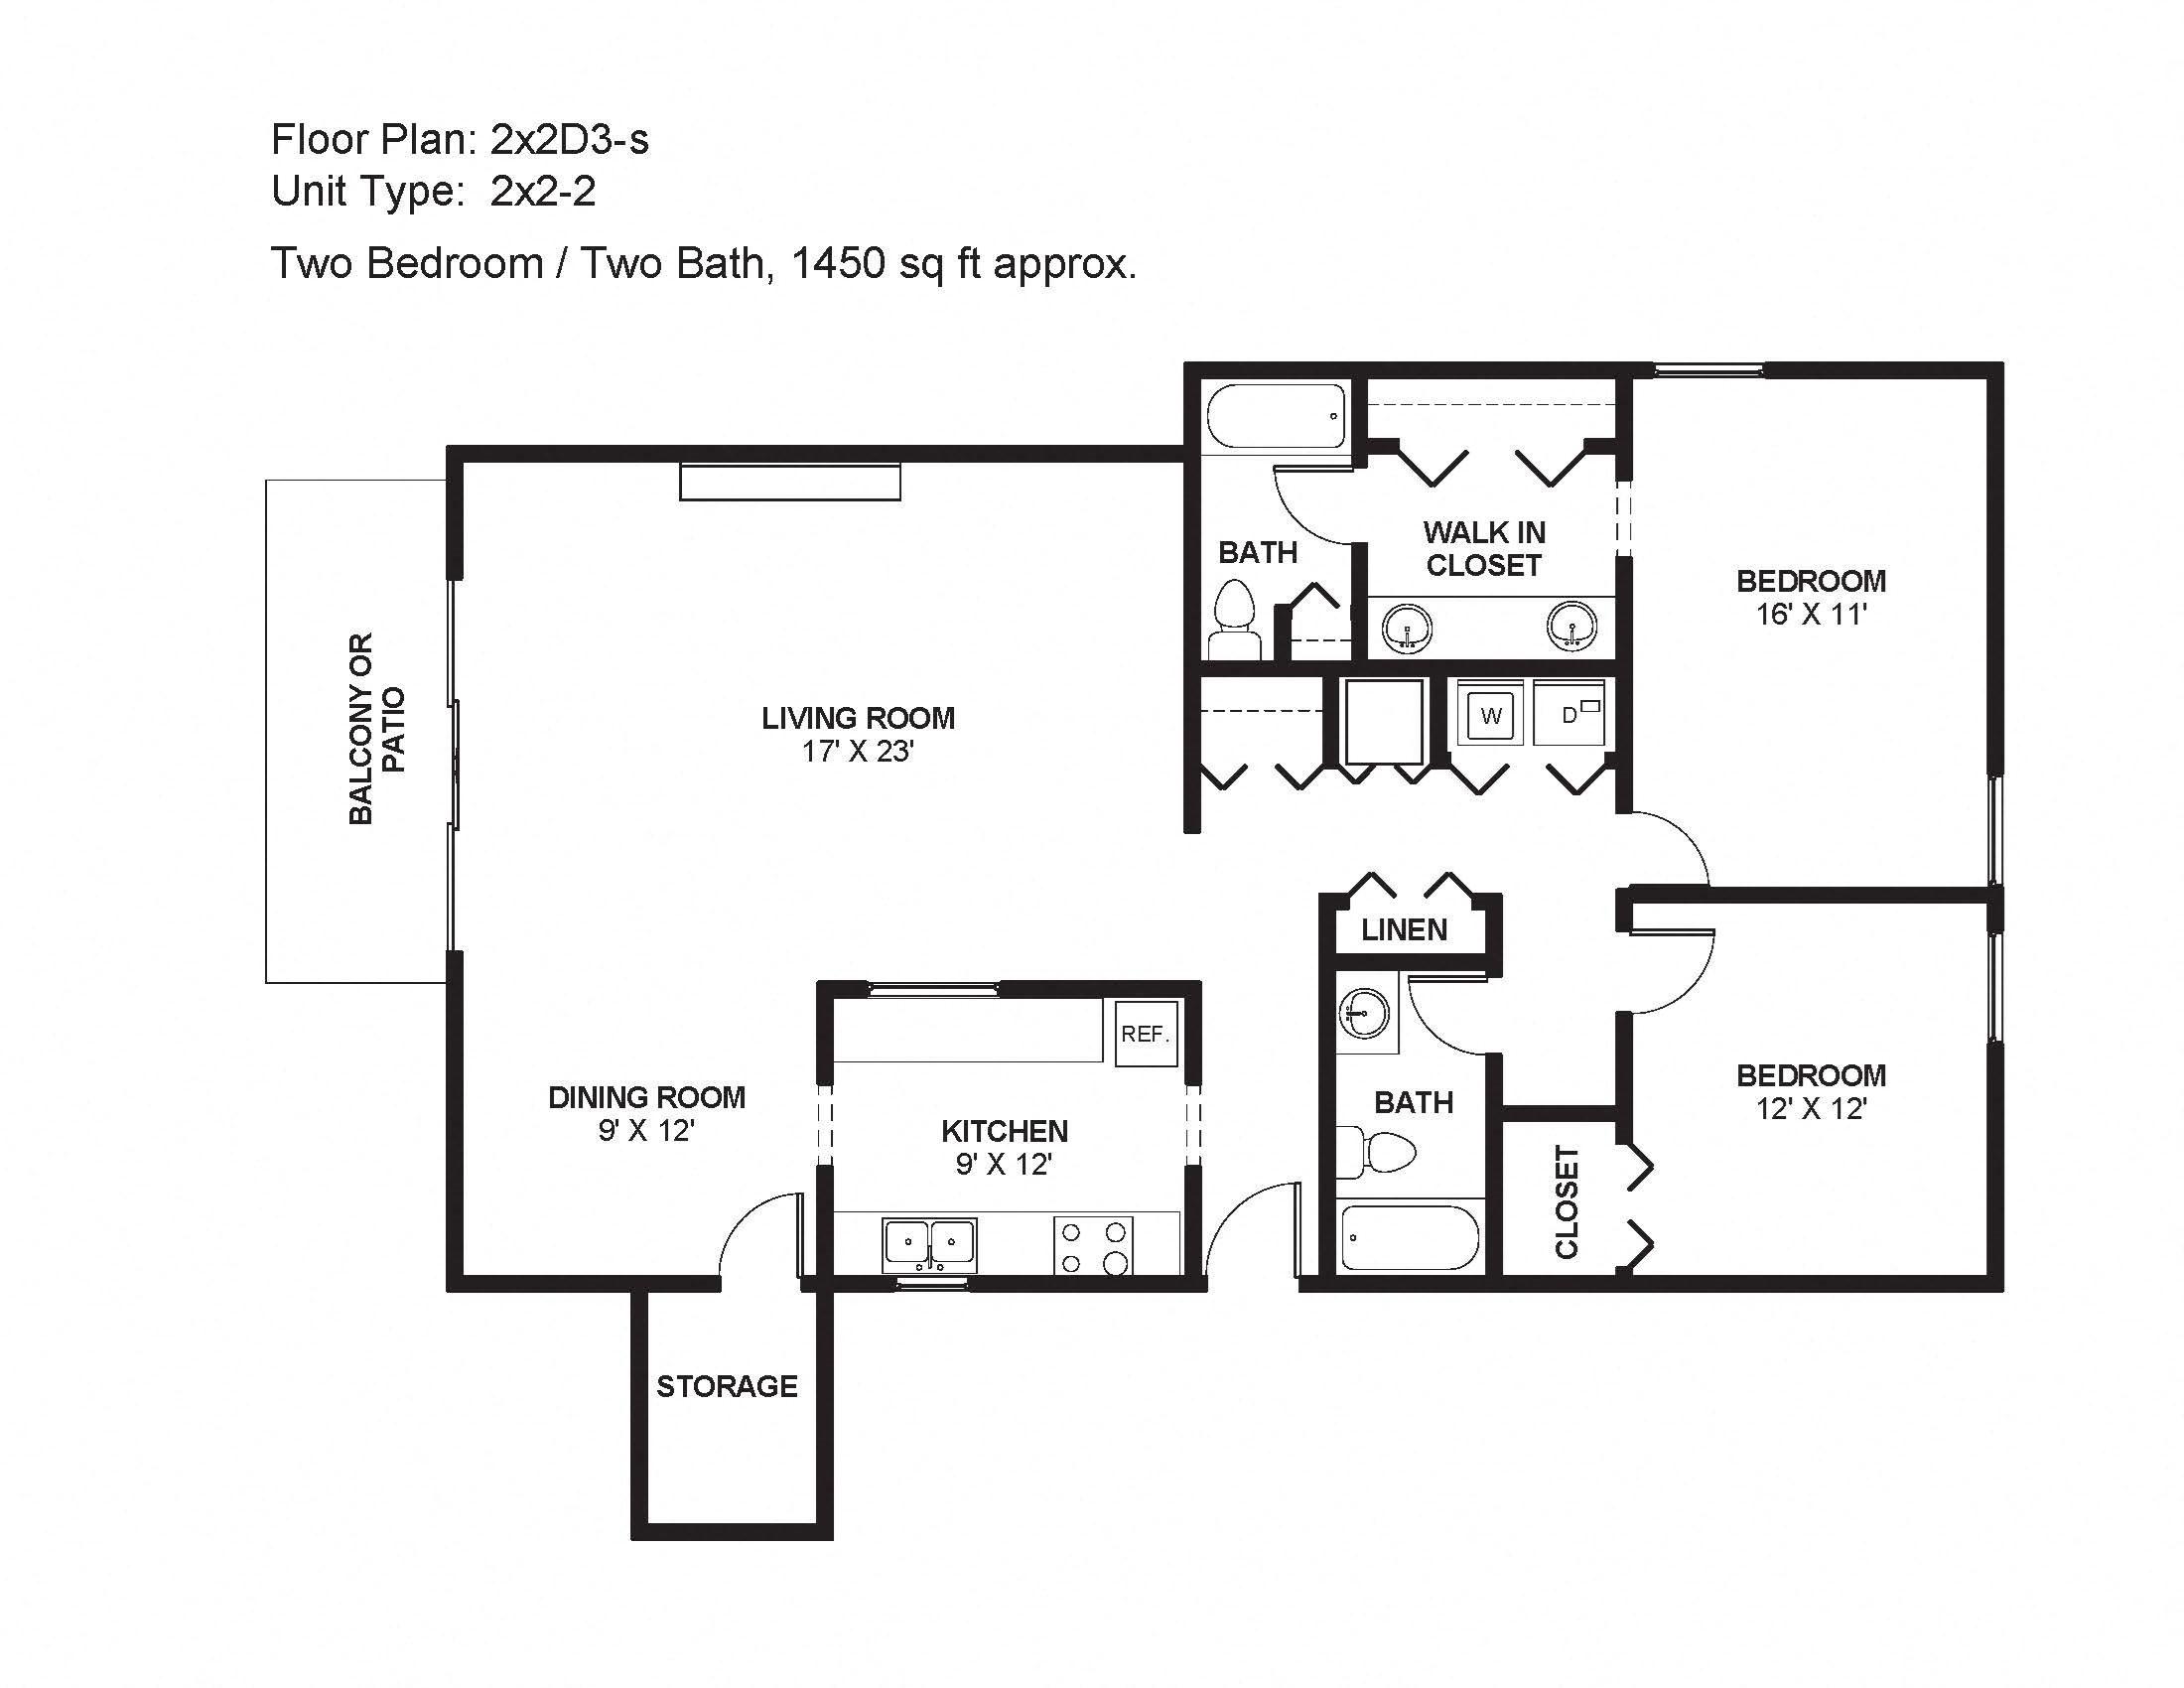 2x2D3-s Floor Plan 9